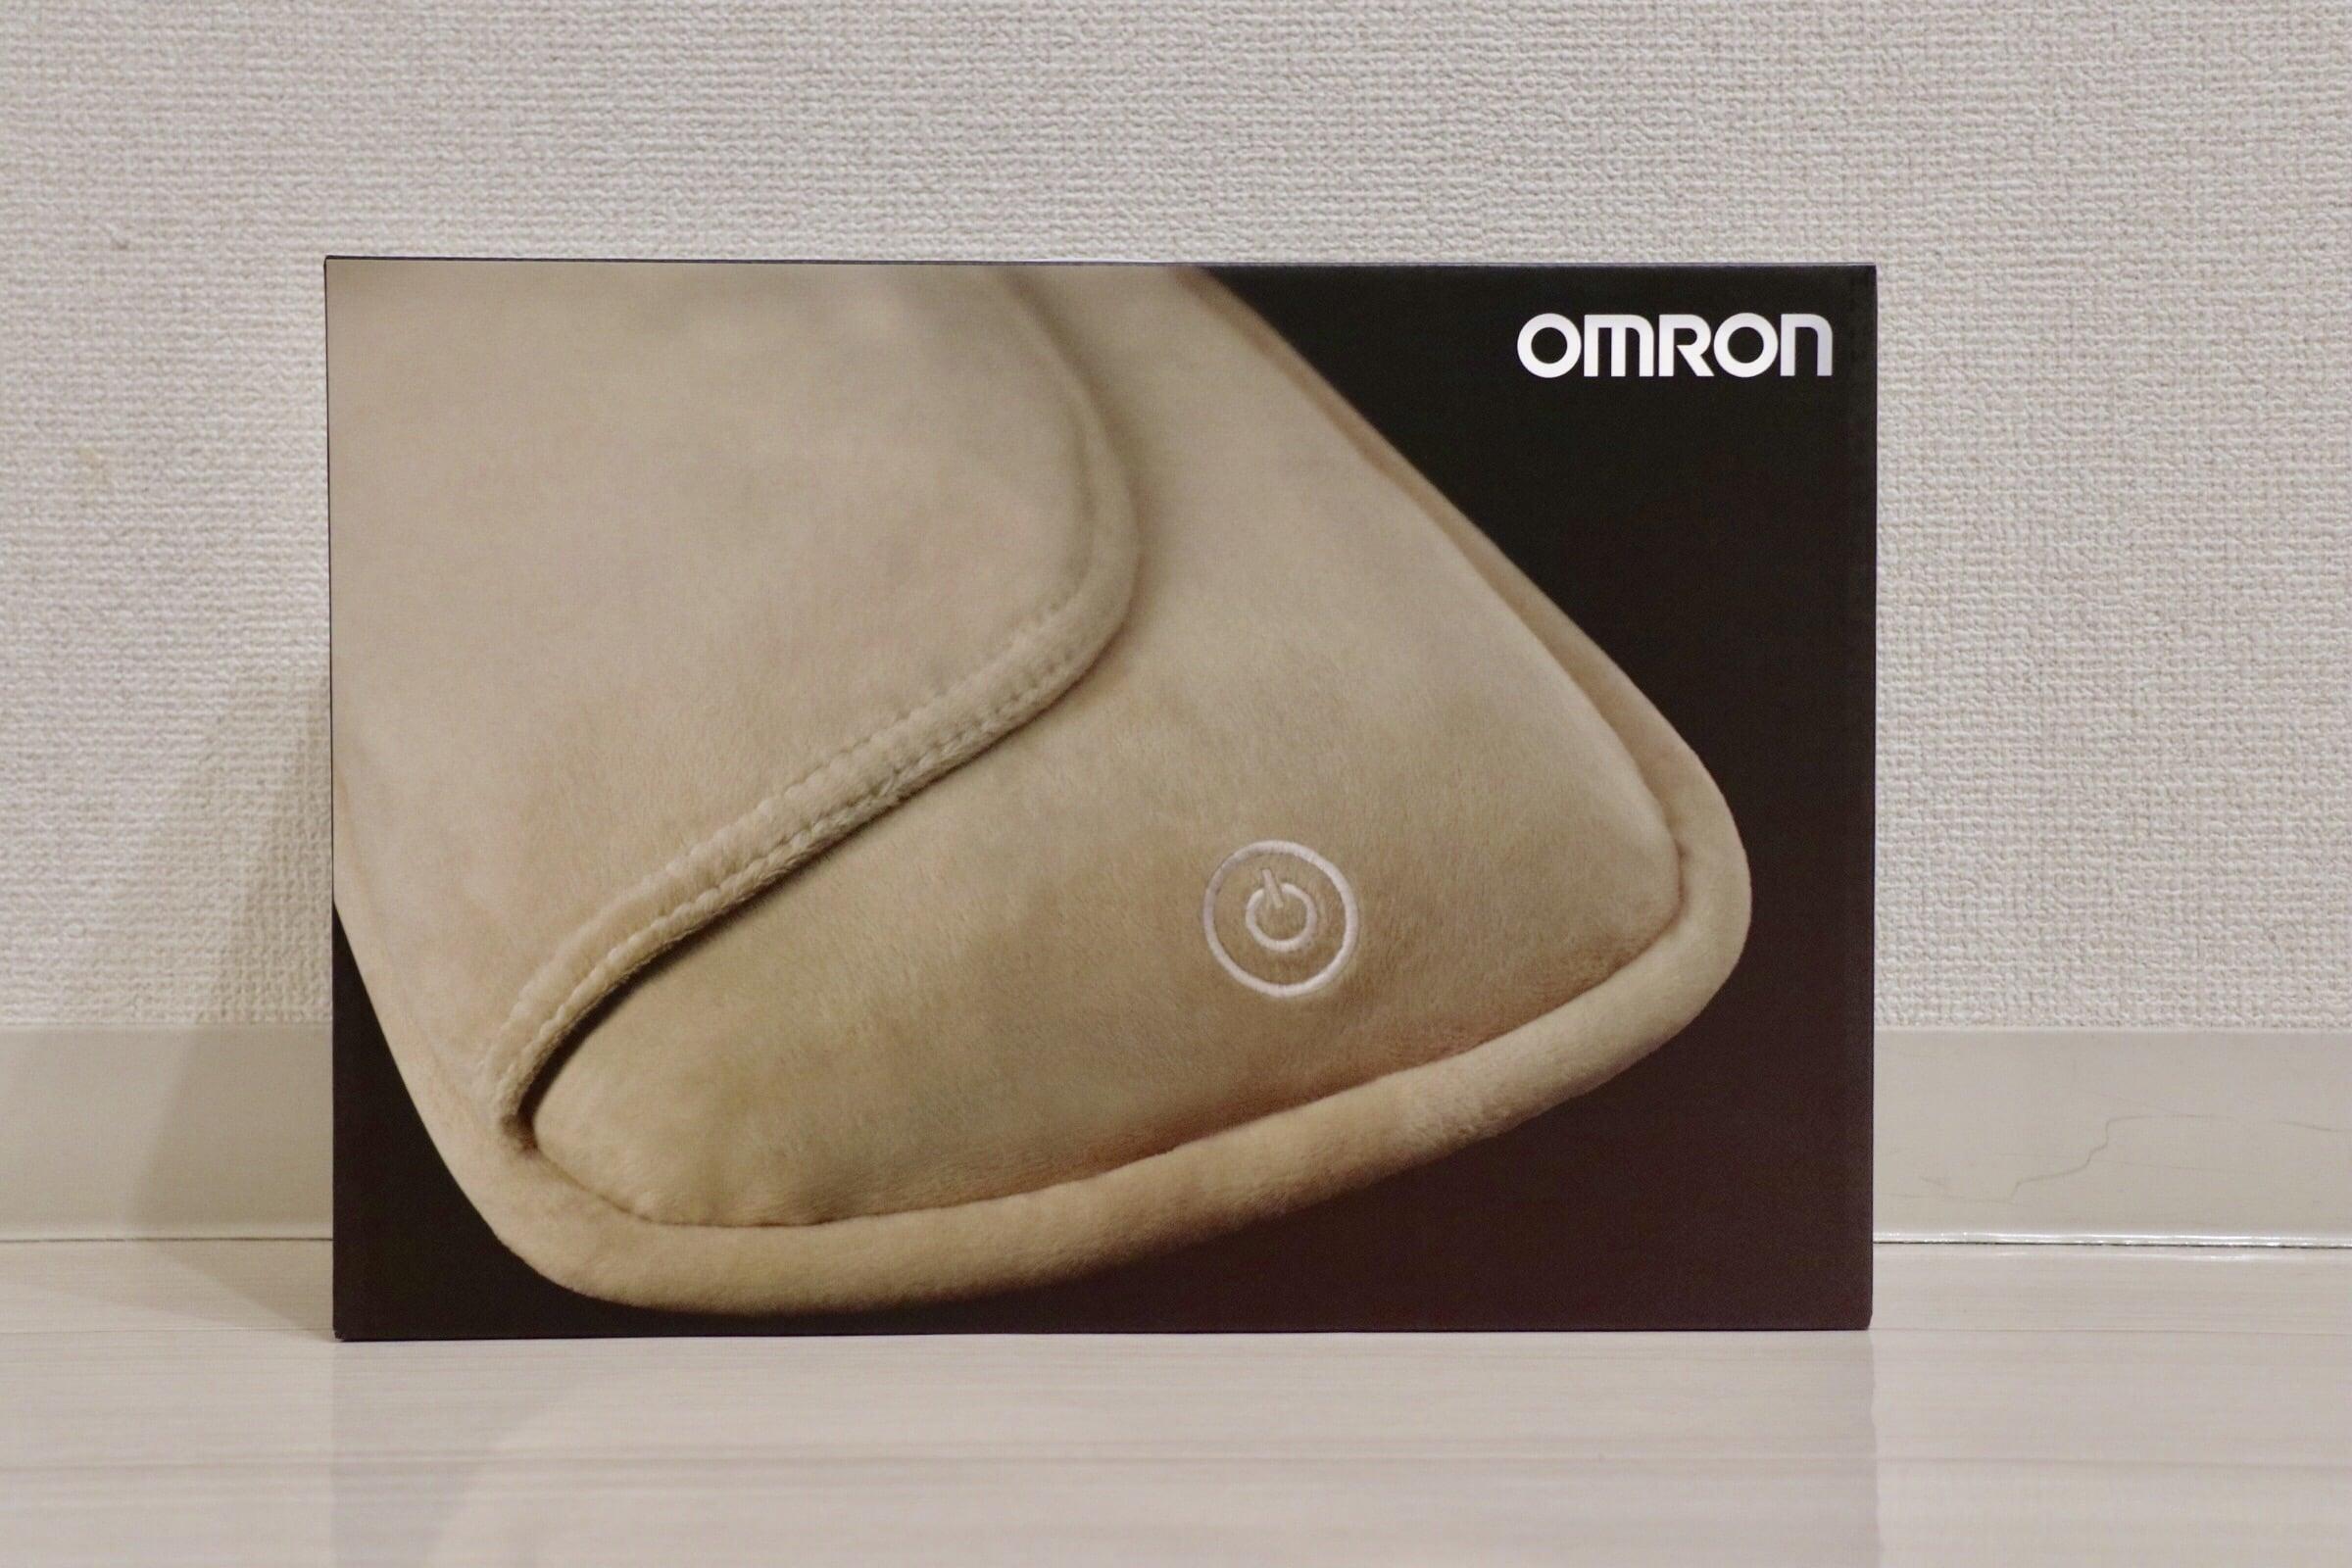 omron箱